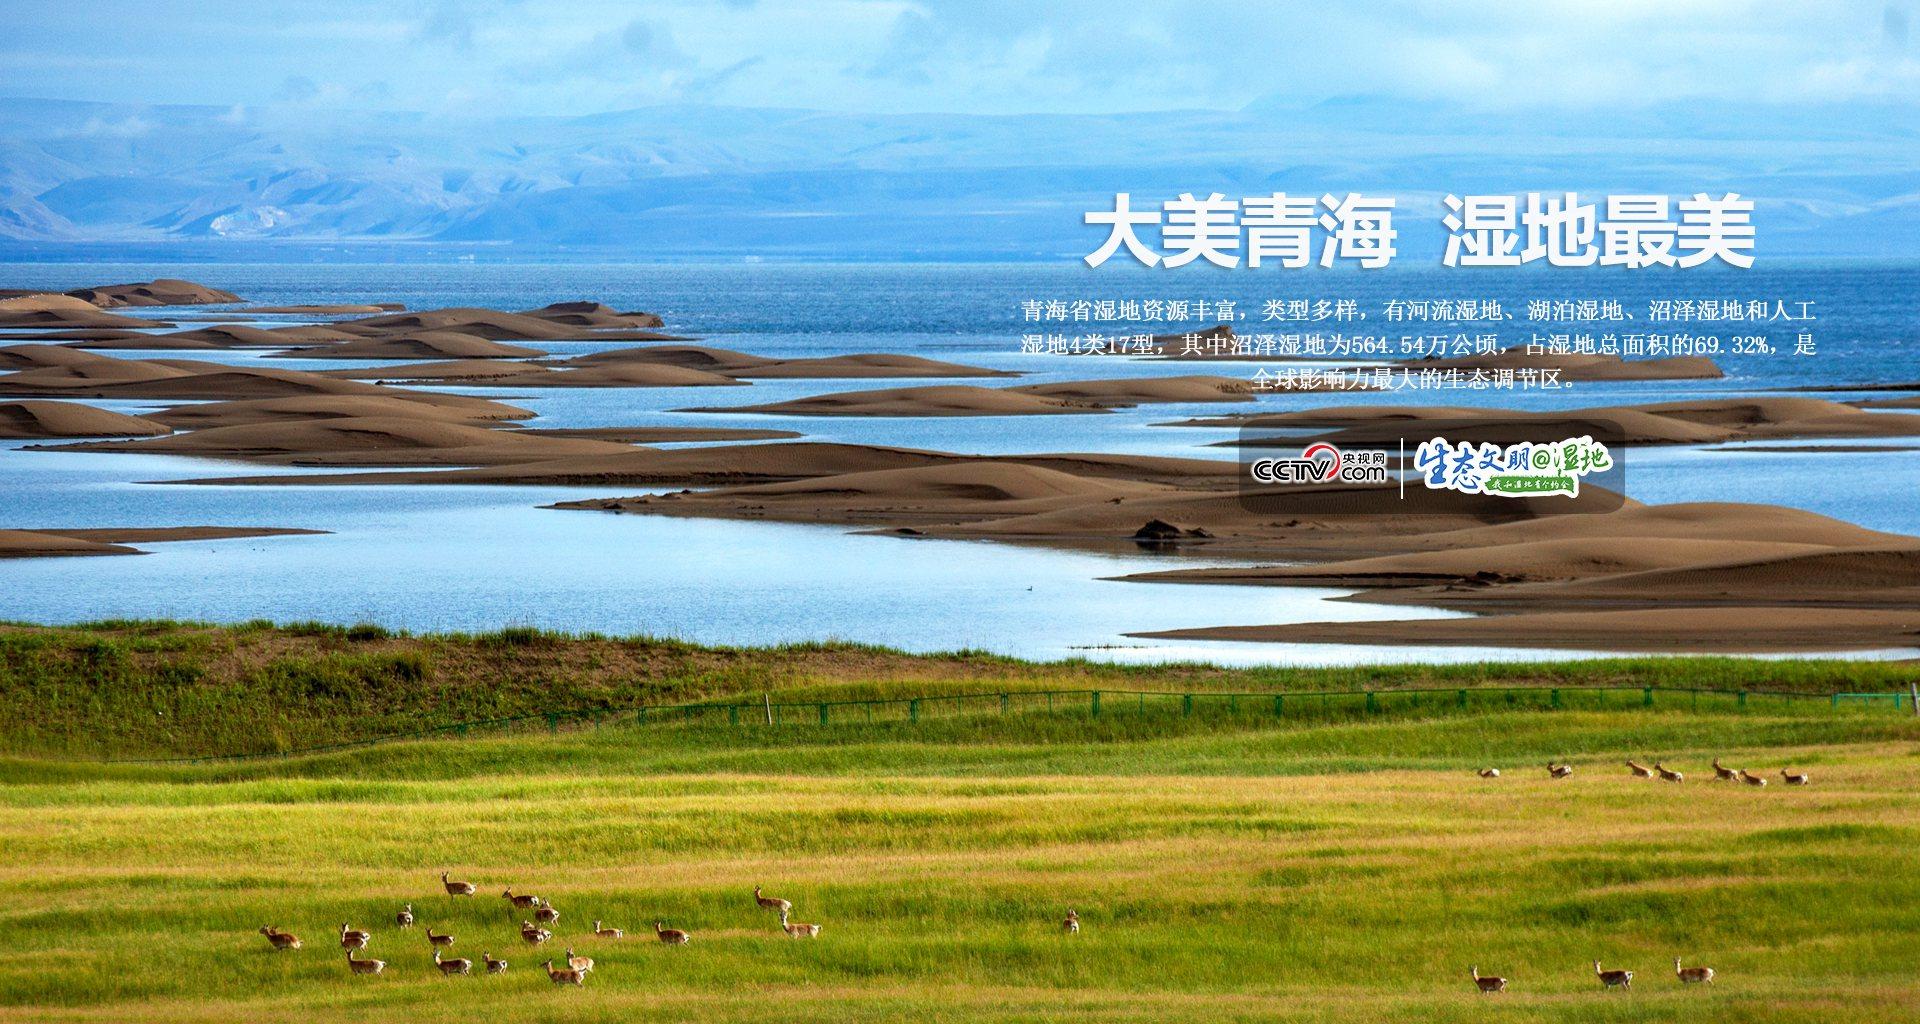 【生態文明@濕地】大美青海 最美濕地